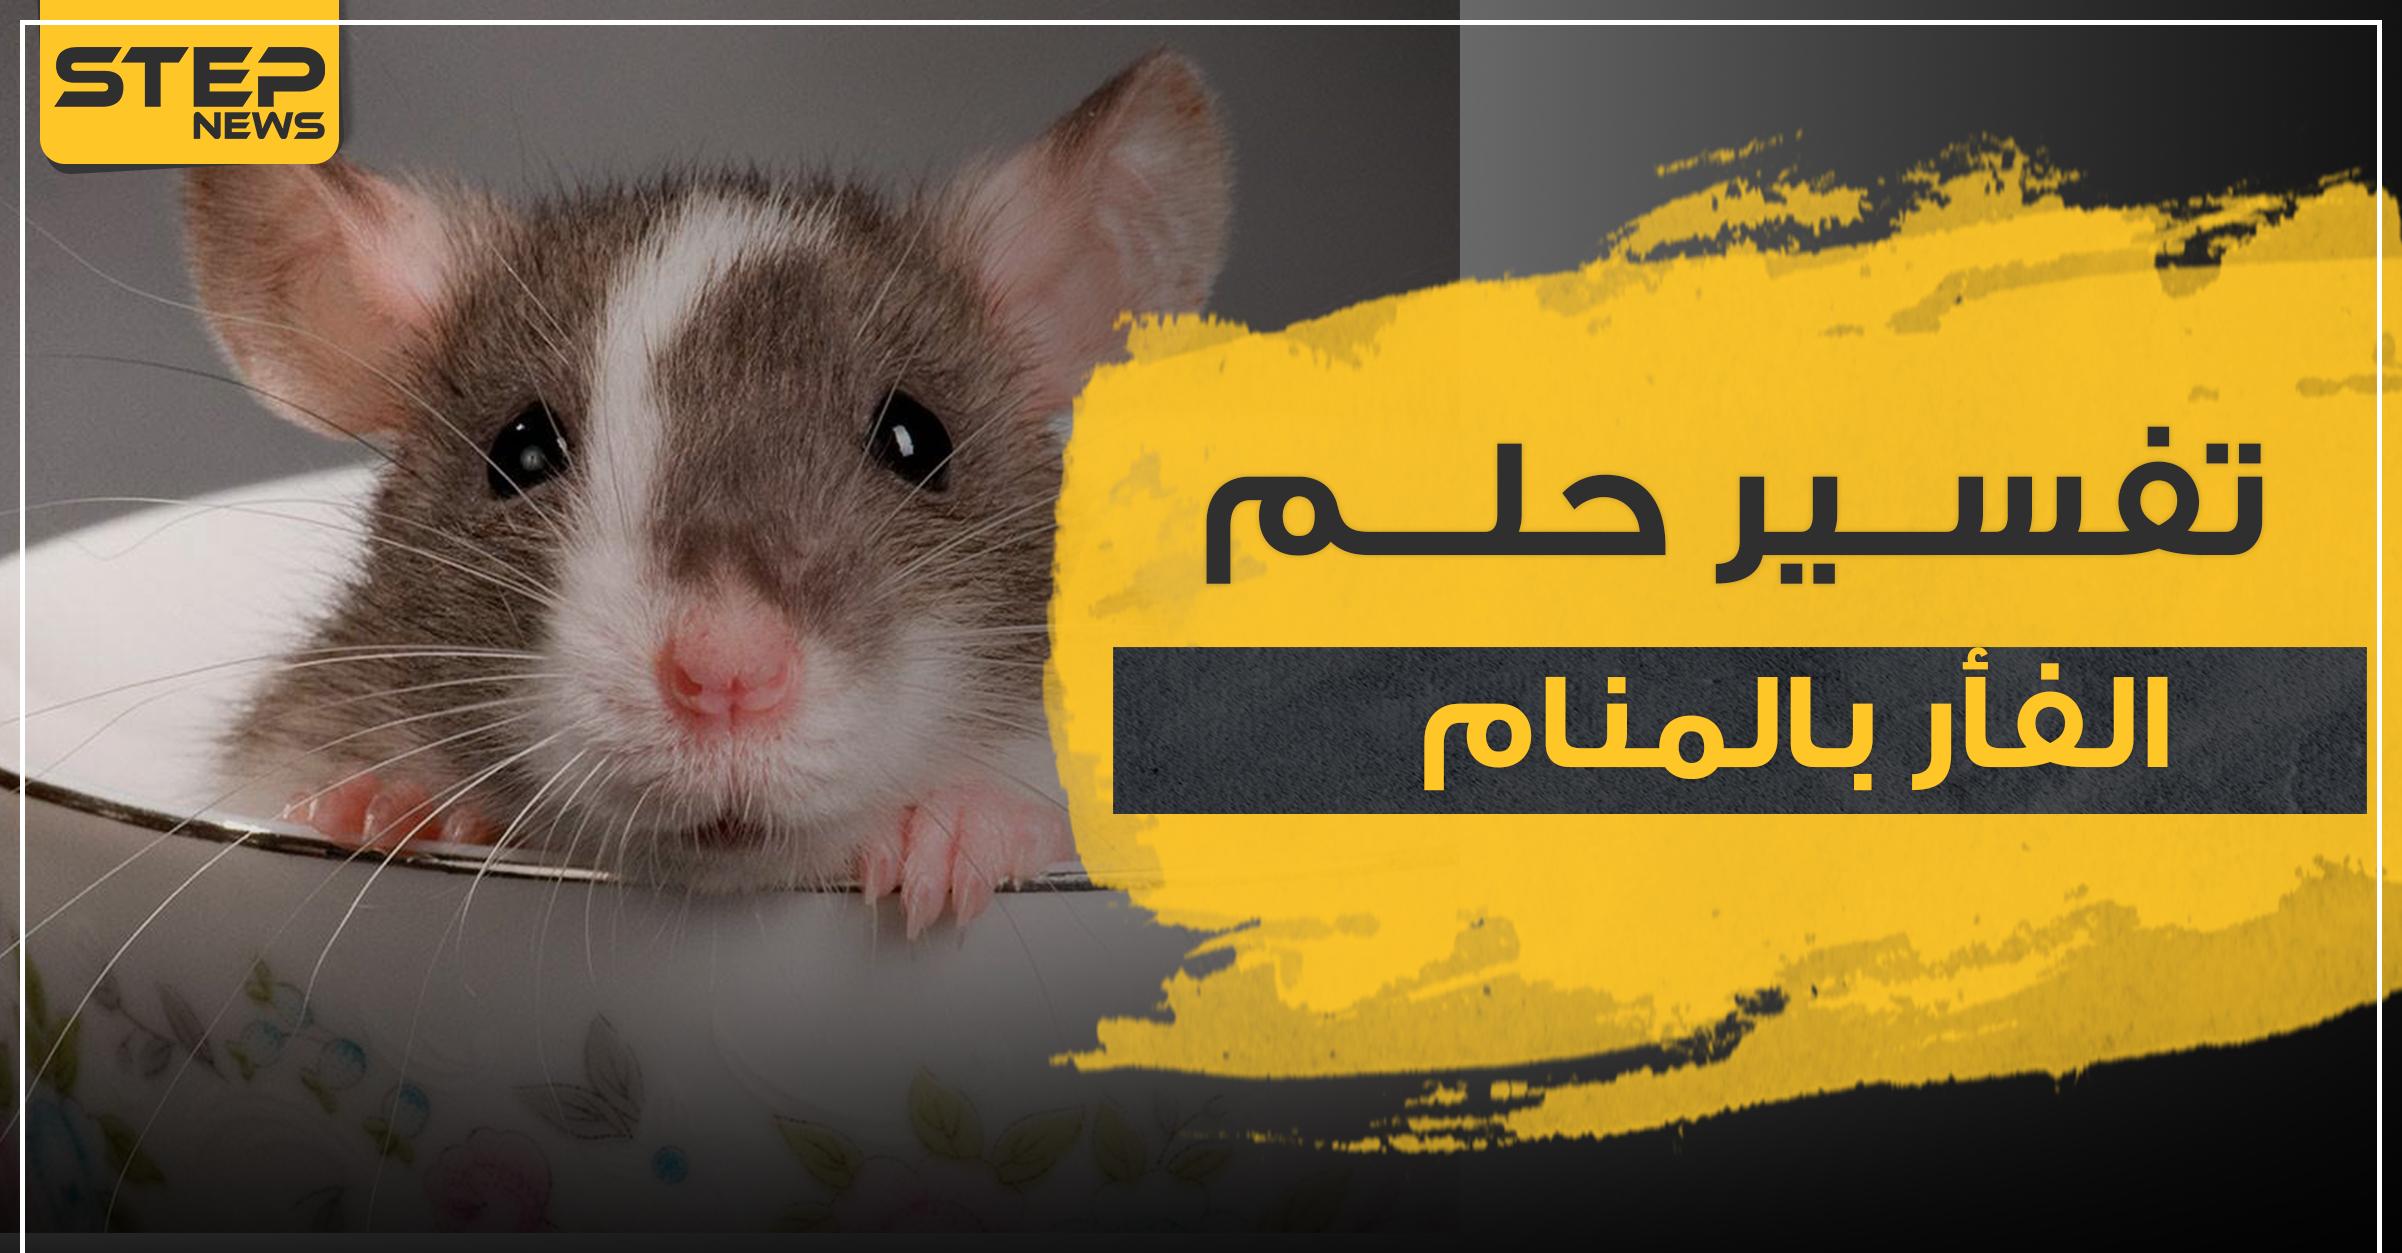 تفسير رؤيا الفأر بالمنام حسب 3 رويات وبأكثر من موضع وكالة ستيب الإخبارية